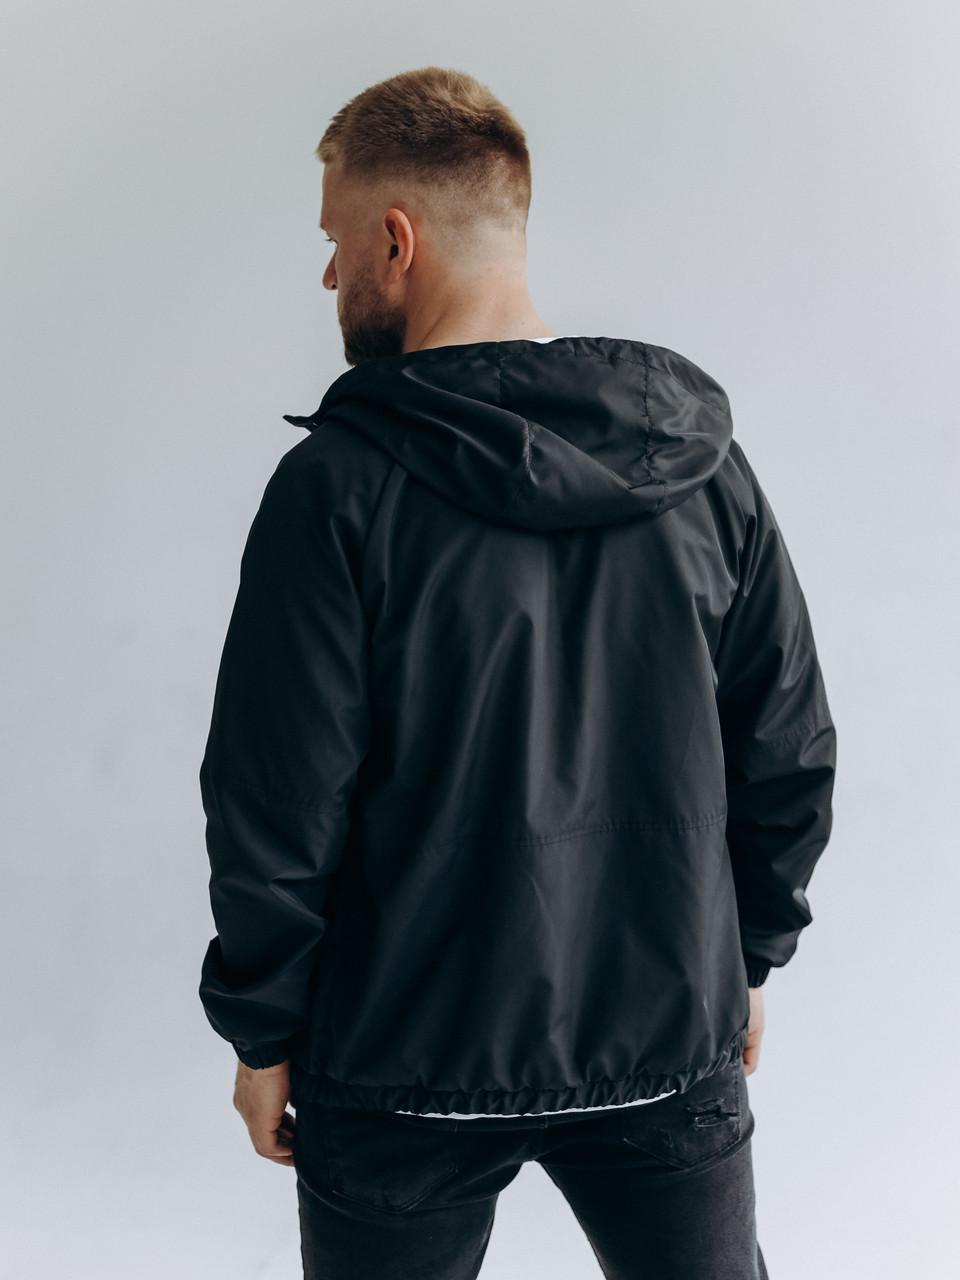 Мужская черная весення ветровка с капюшоном/ Куртка молодежная ветрозащитная черная с карманами, фото 2